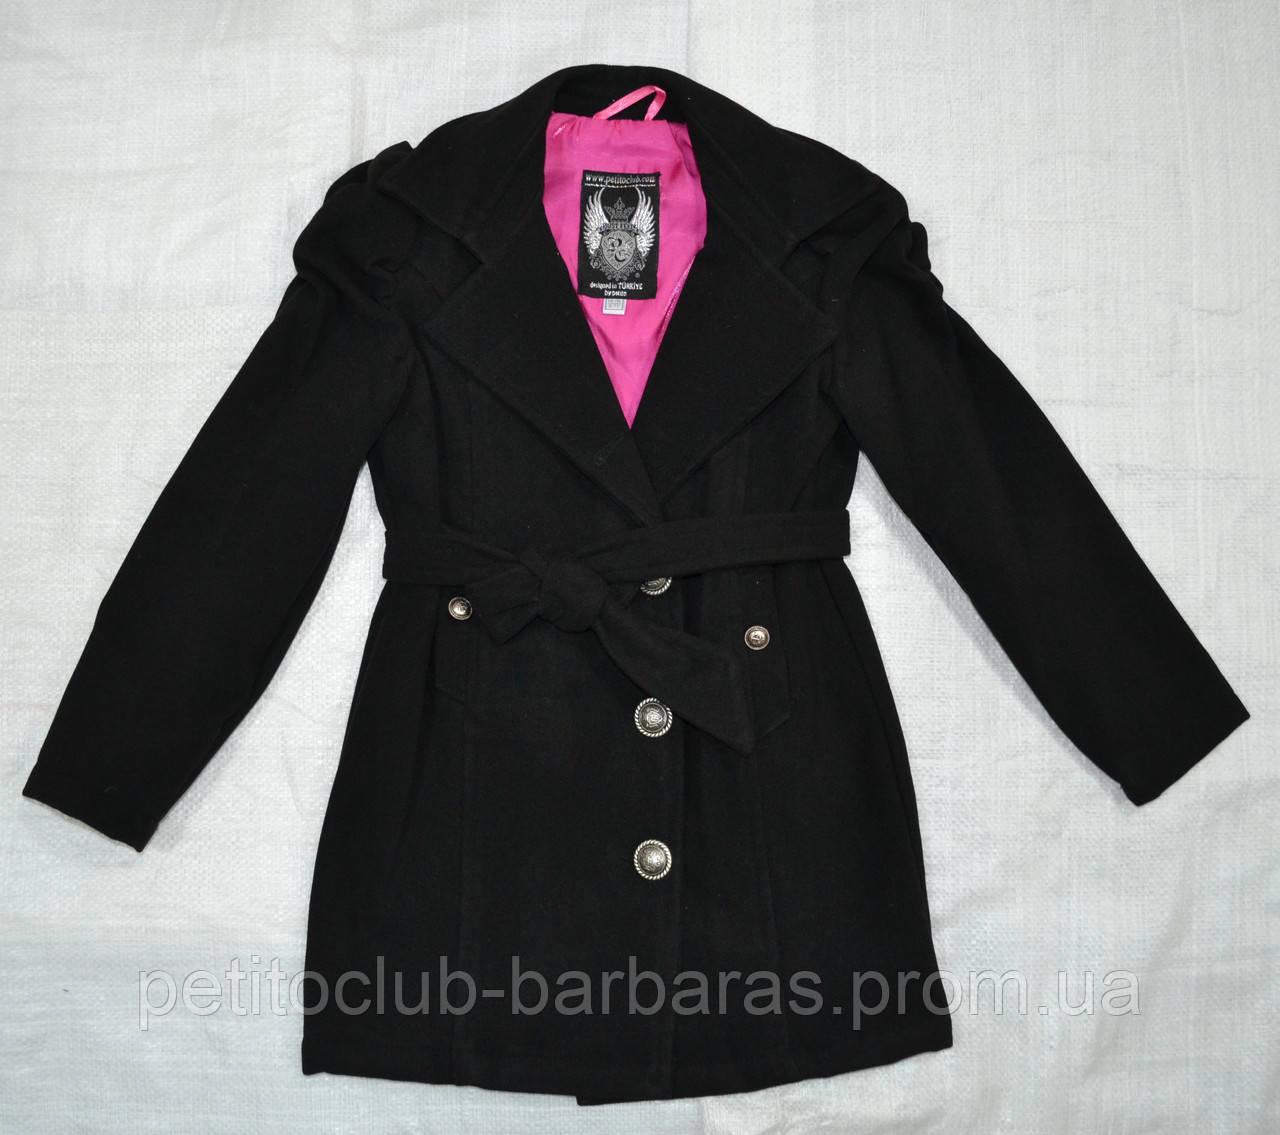 Демисезонное пальто для девочки Gina черное (Petito club, Турция)